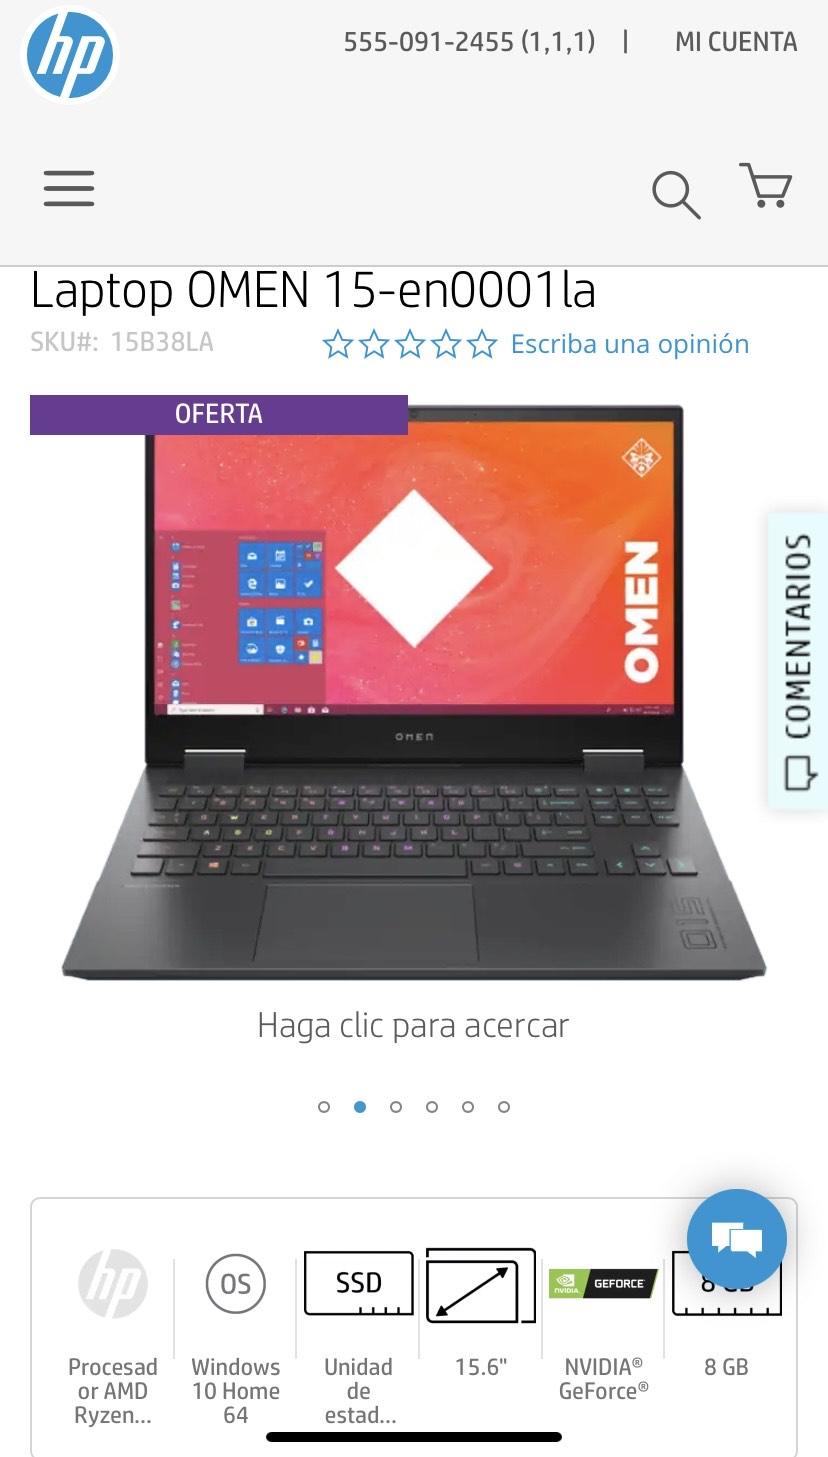 HP Online Laptop OMEN 15-en0001la